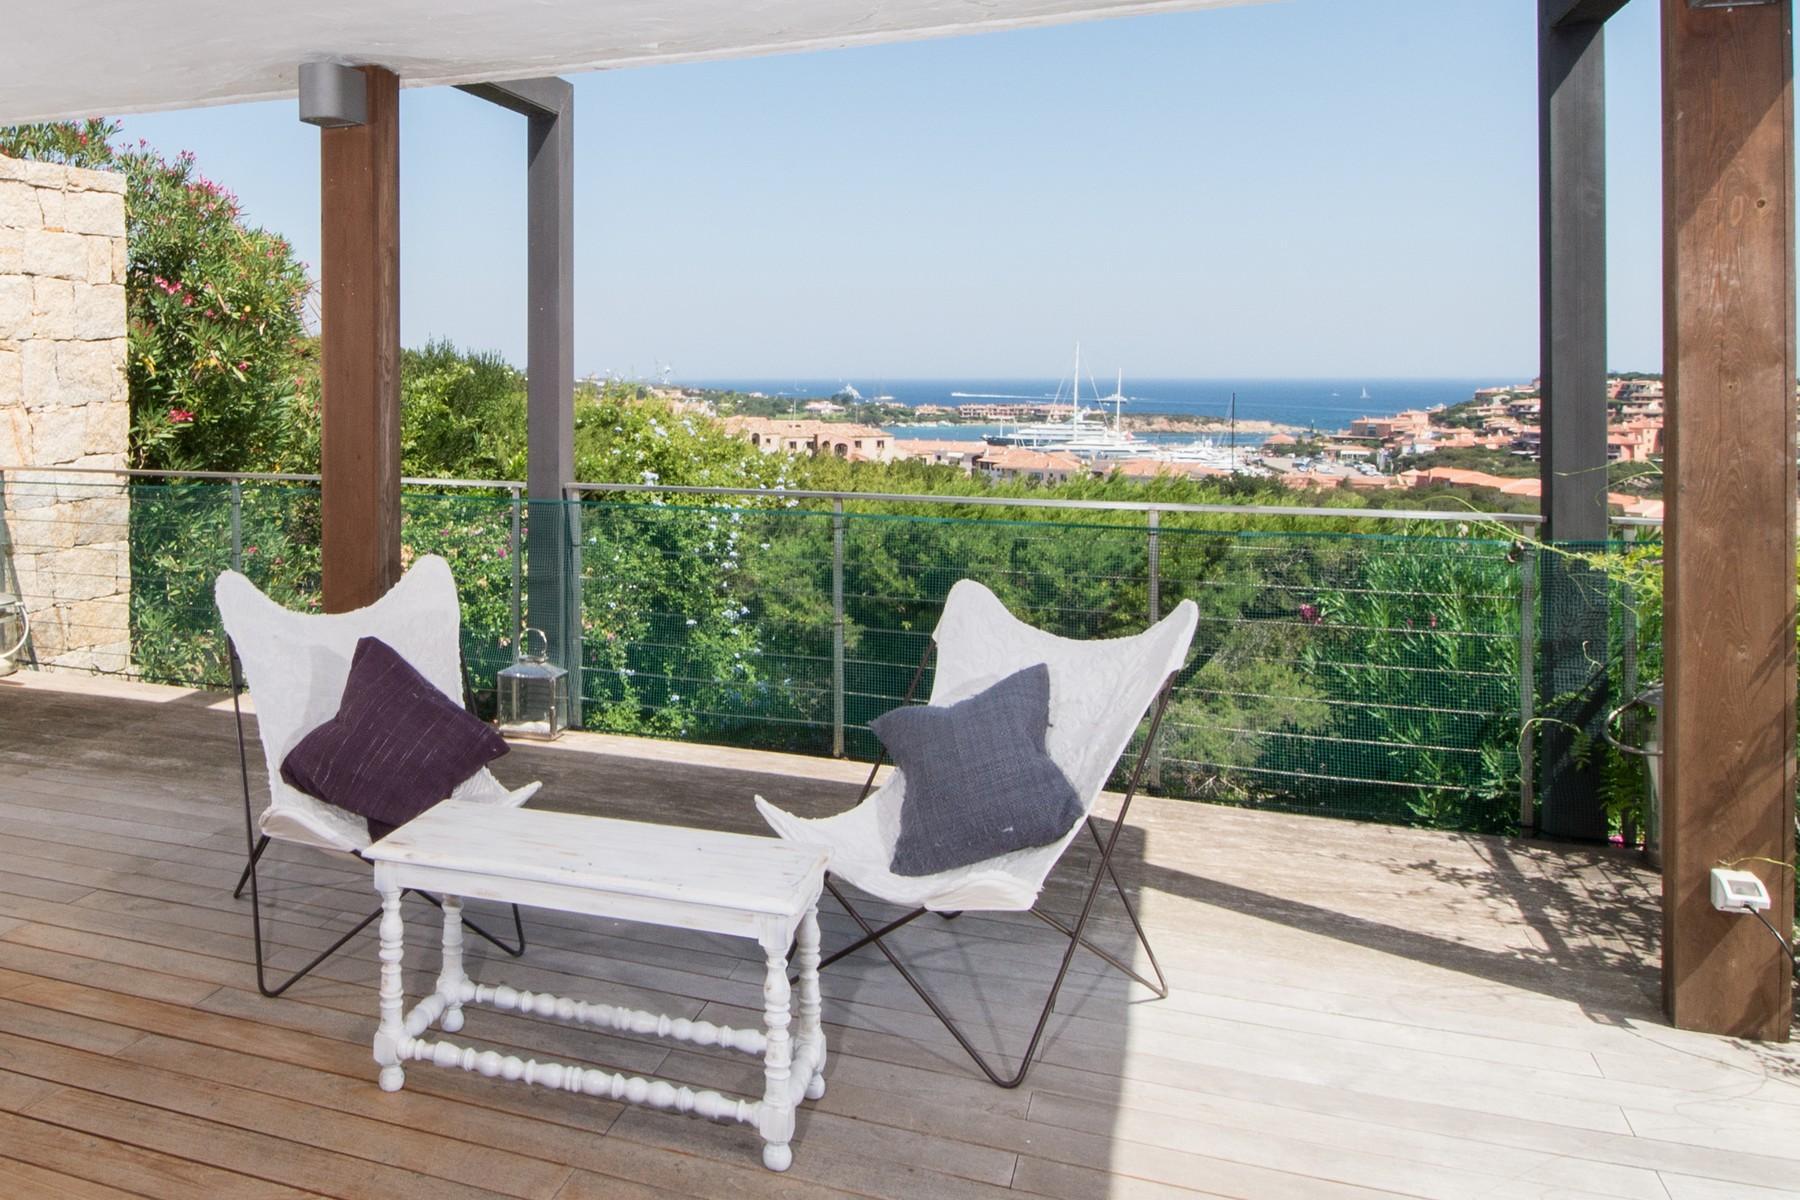 Porto Cervo Centro Замечательный таунхаус с видом на море и центр Порто Черво, Сардиния, Италия - 4